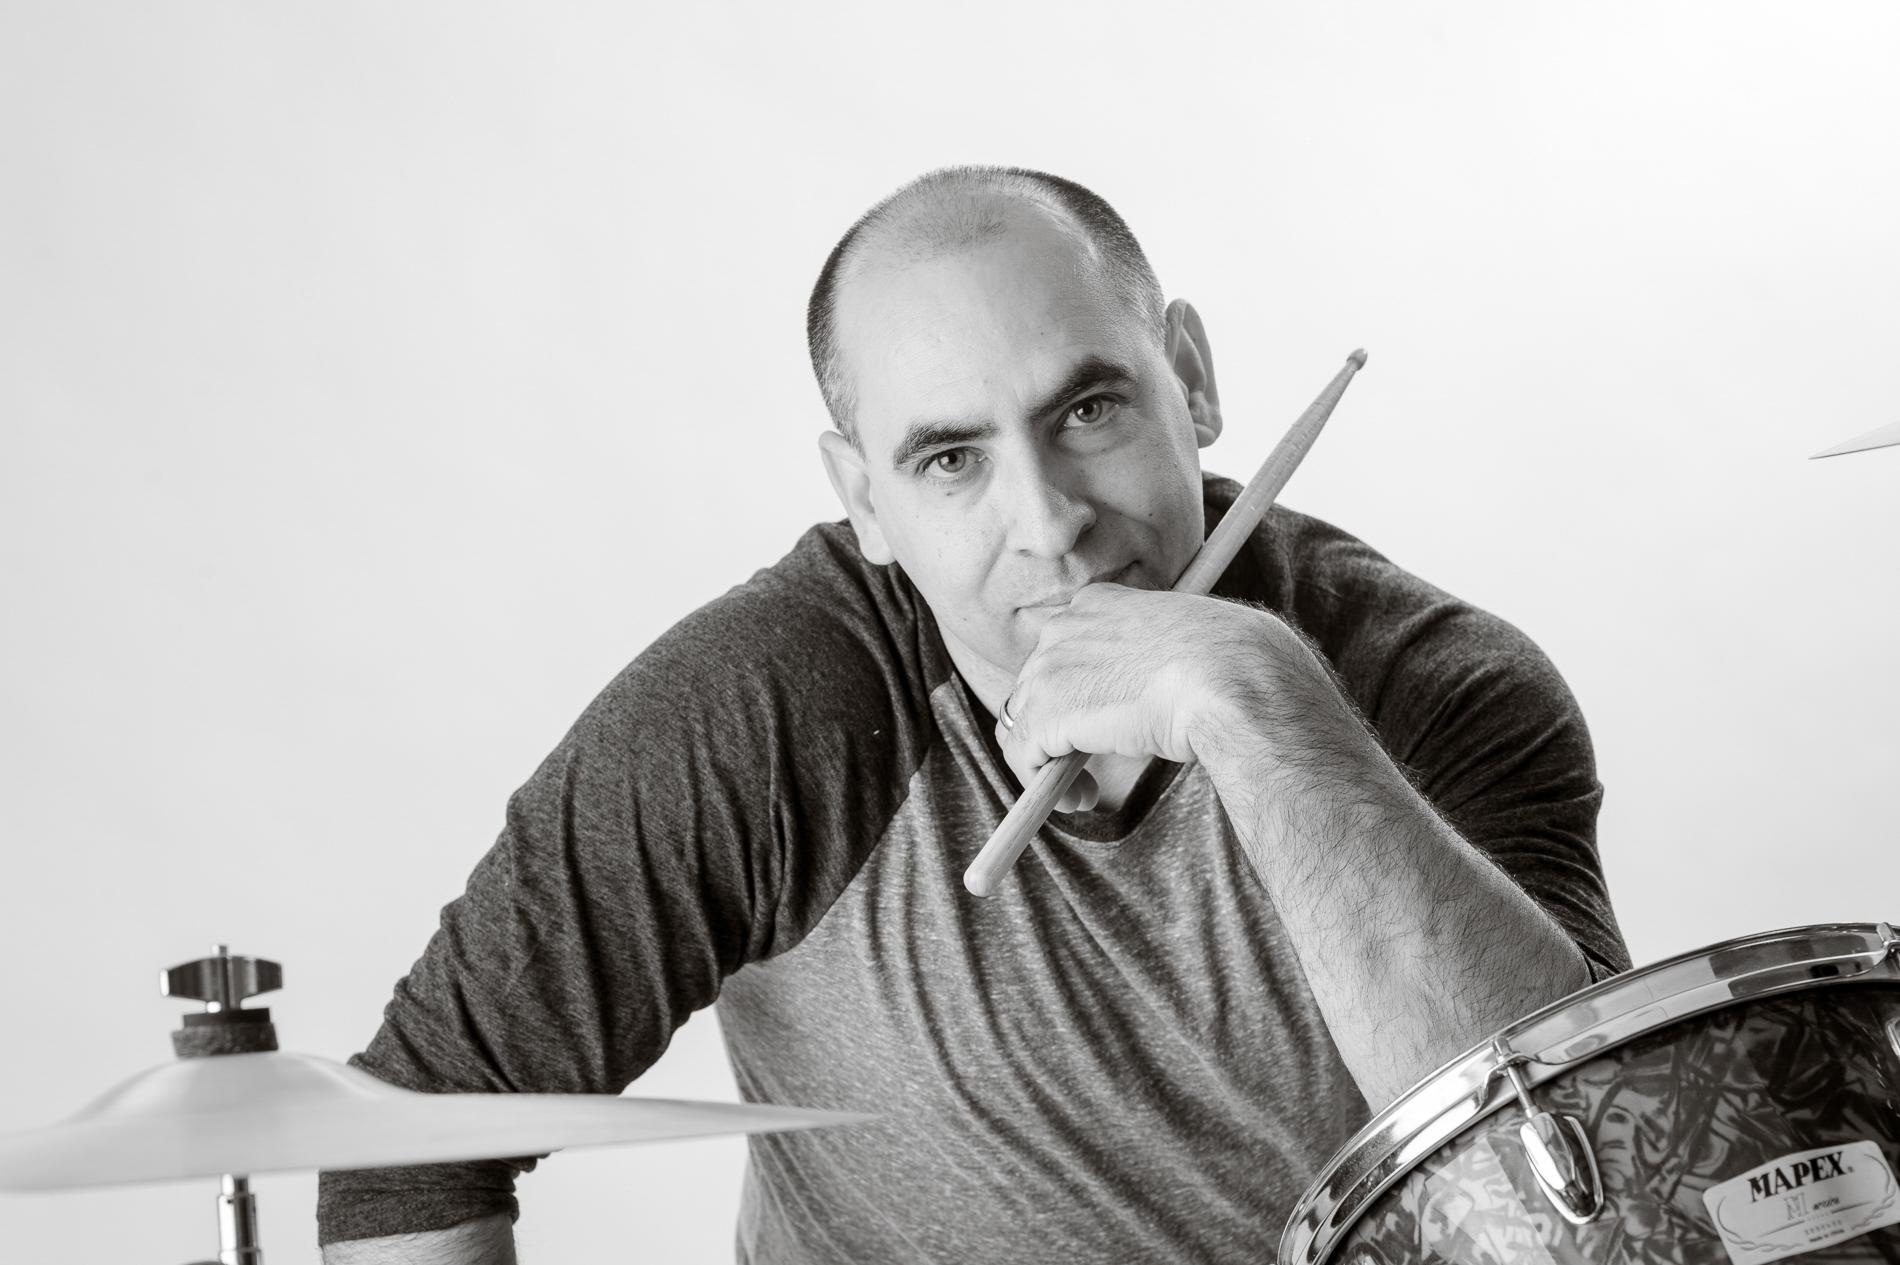 Drummer Portrait